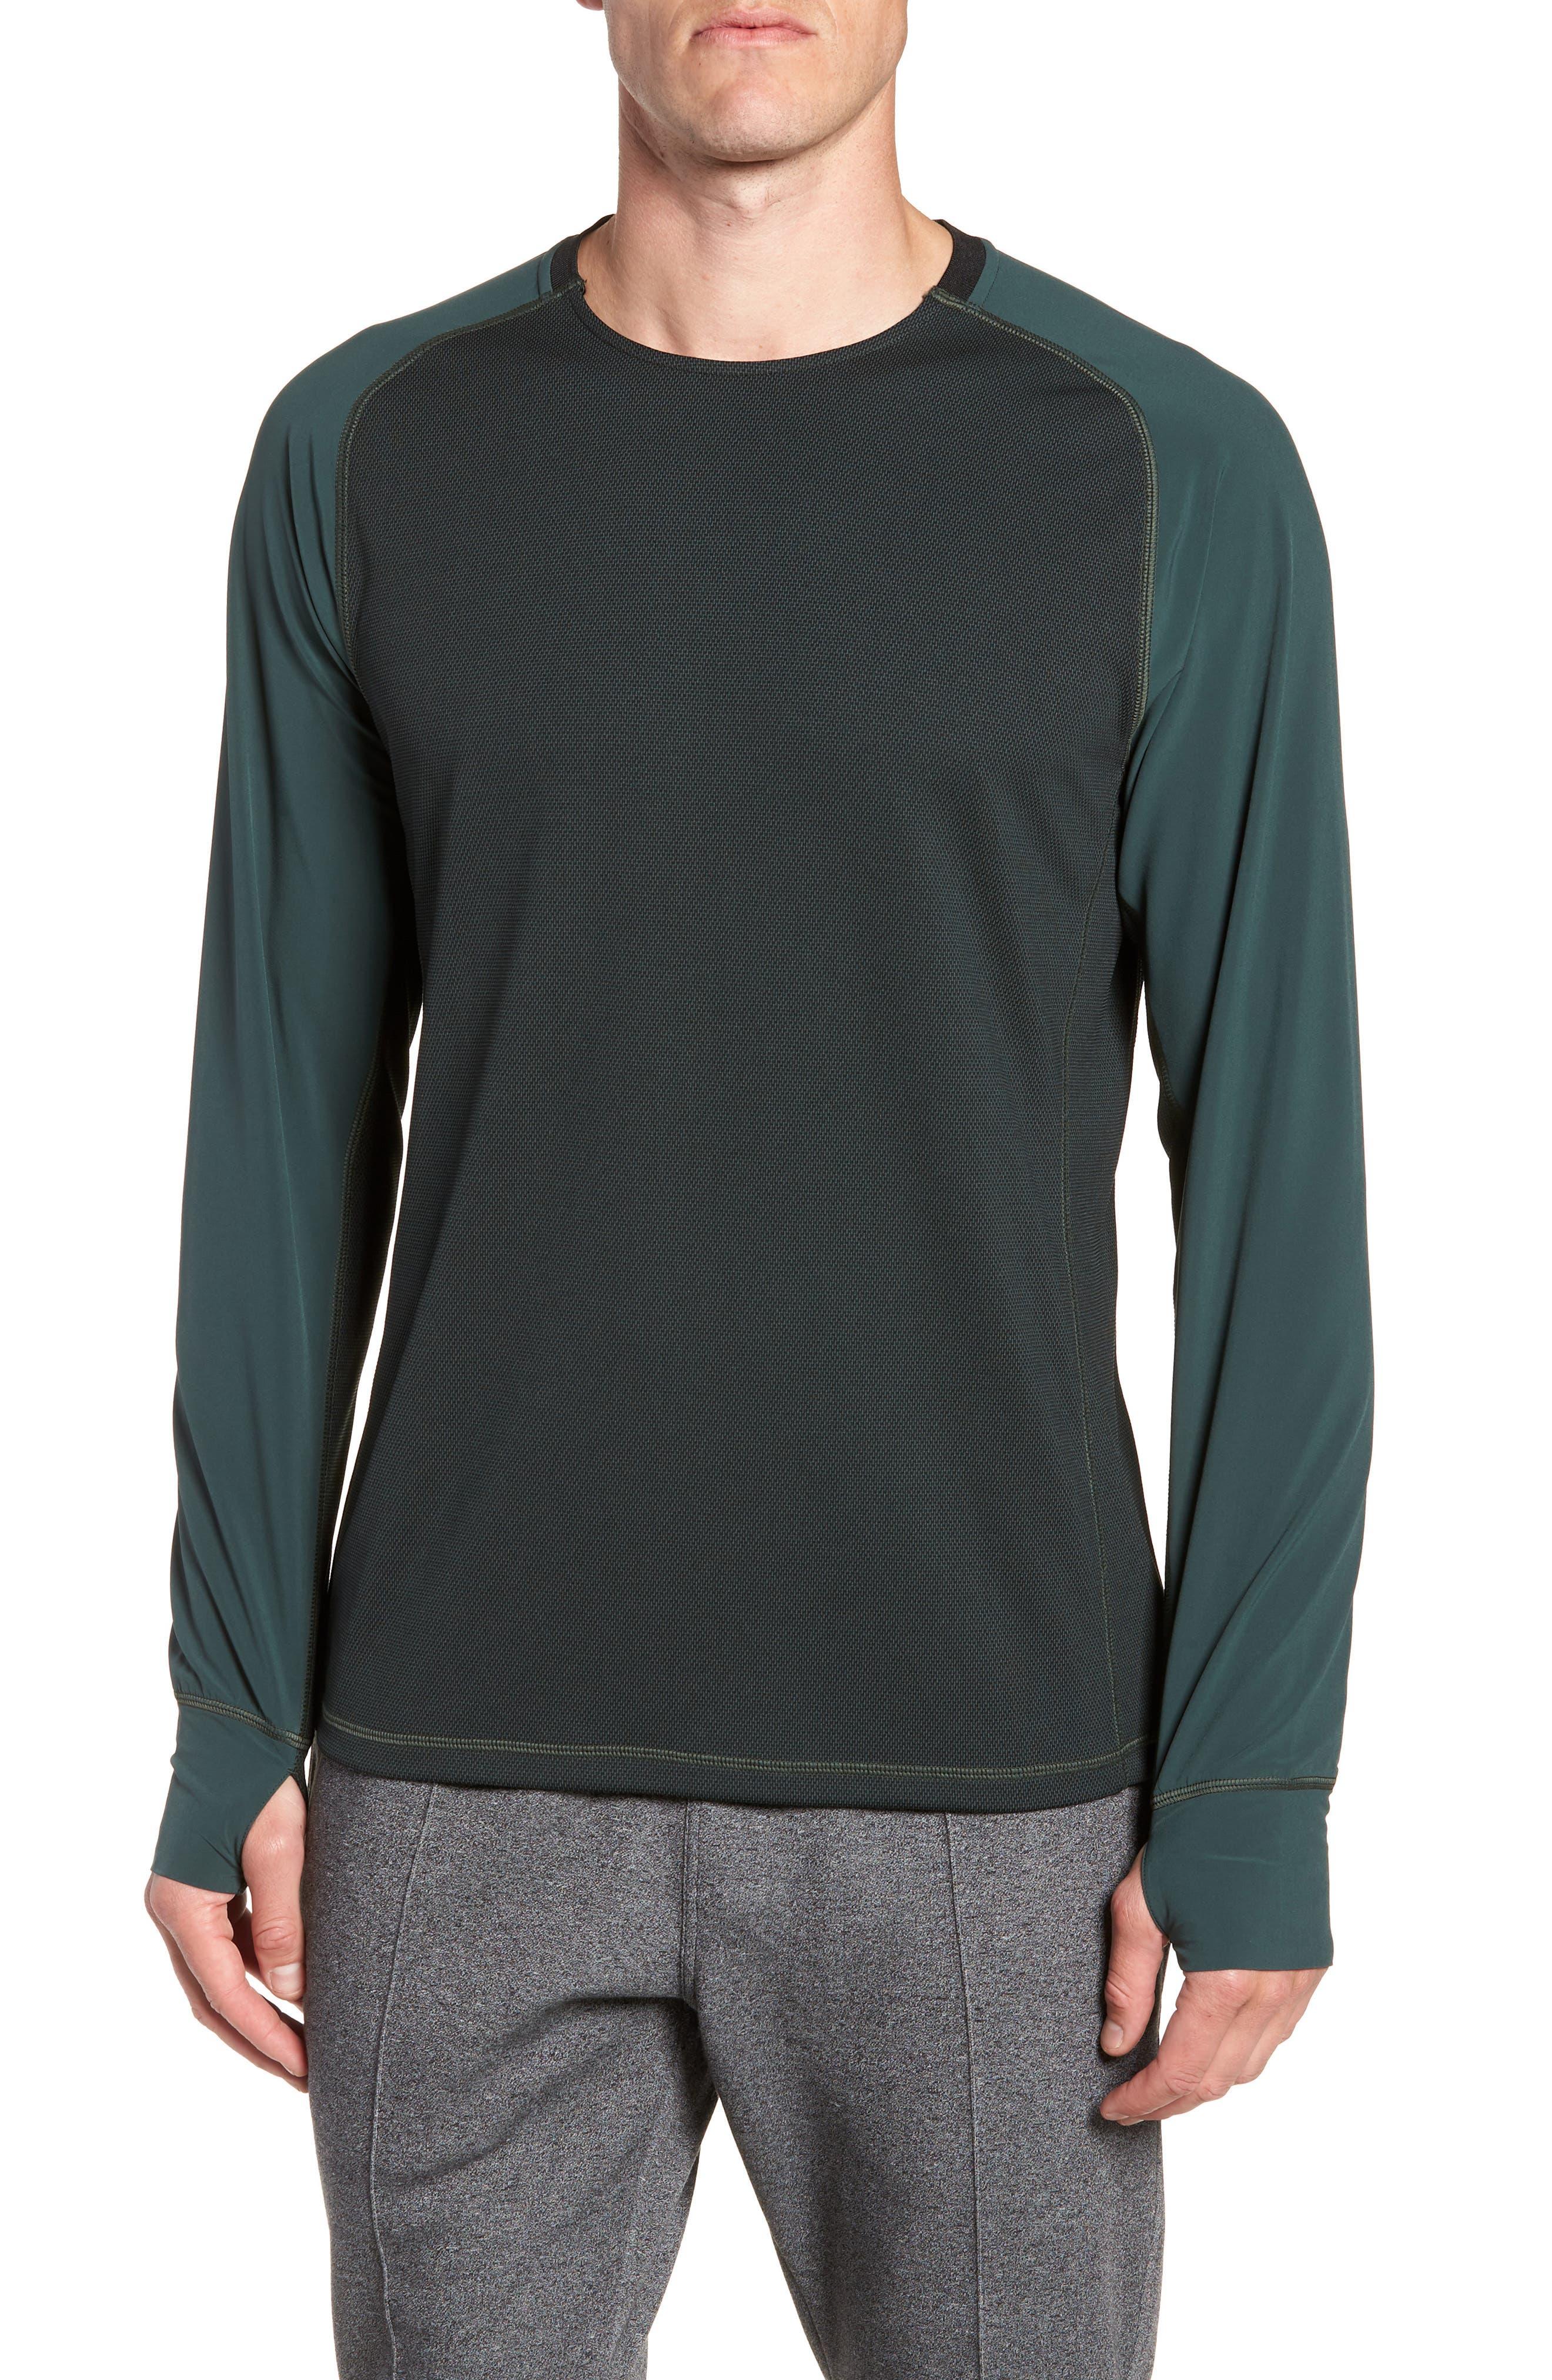 Mixed Media Crewneck Pullover,                         Main,                         color, GREEN ODINITE